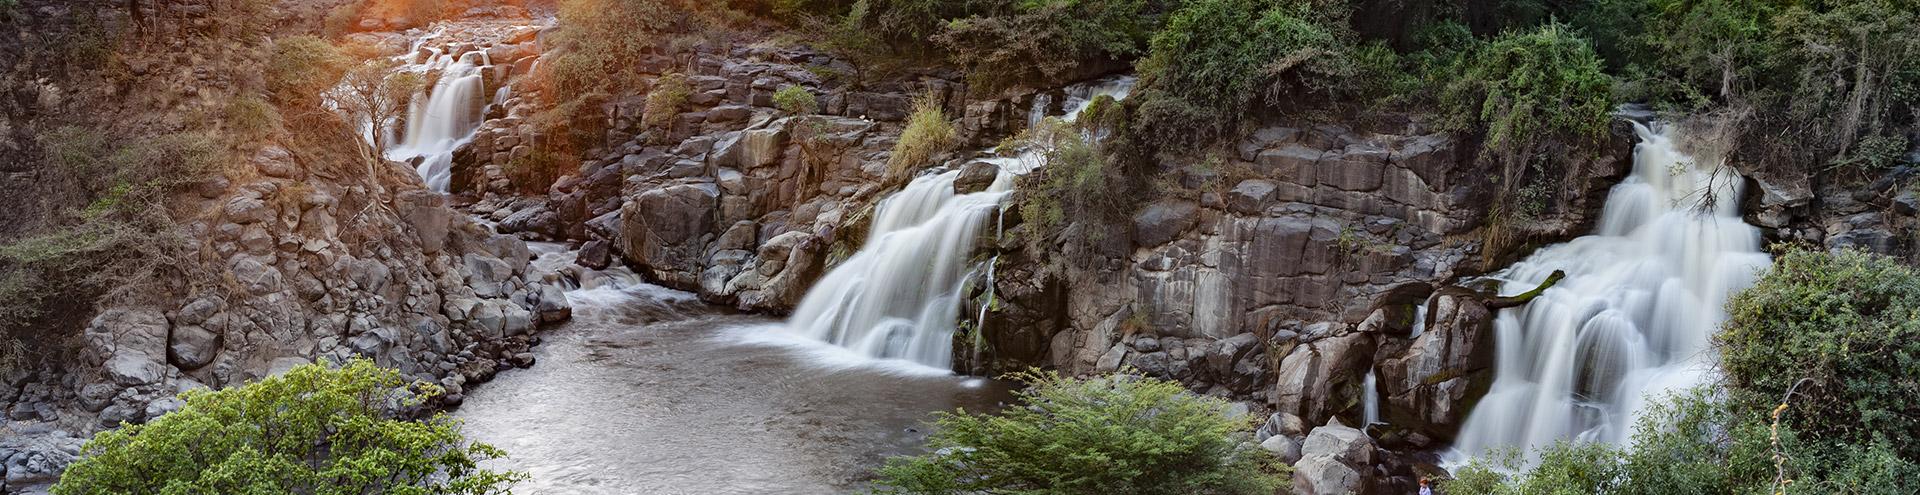 Wasserfall Awash